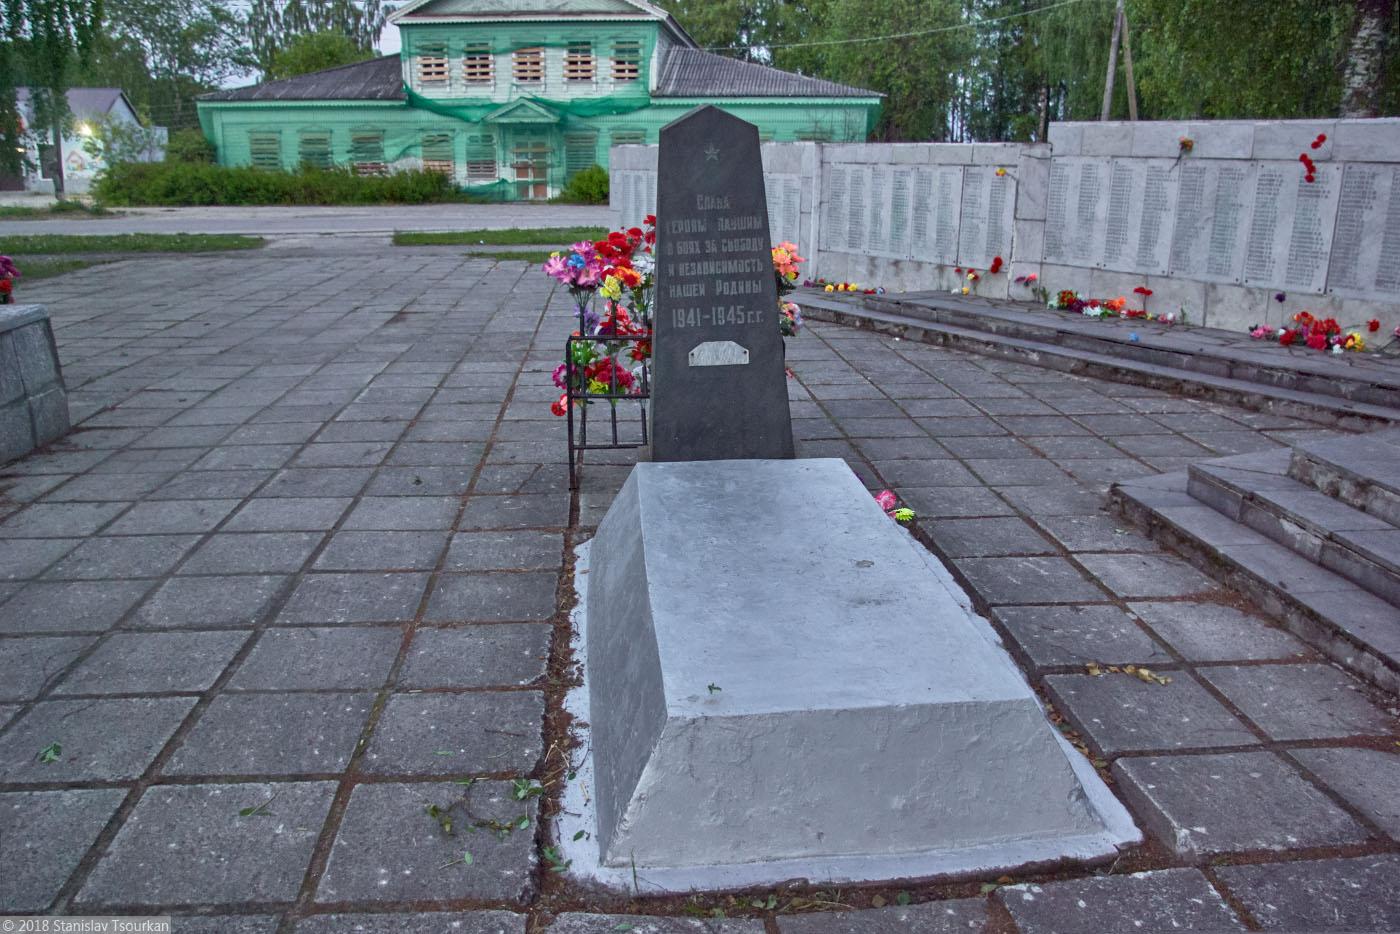 Пудож, Карелия, республика Карелия, площадь павших борцов, памятник павшим борцам